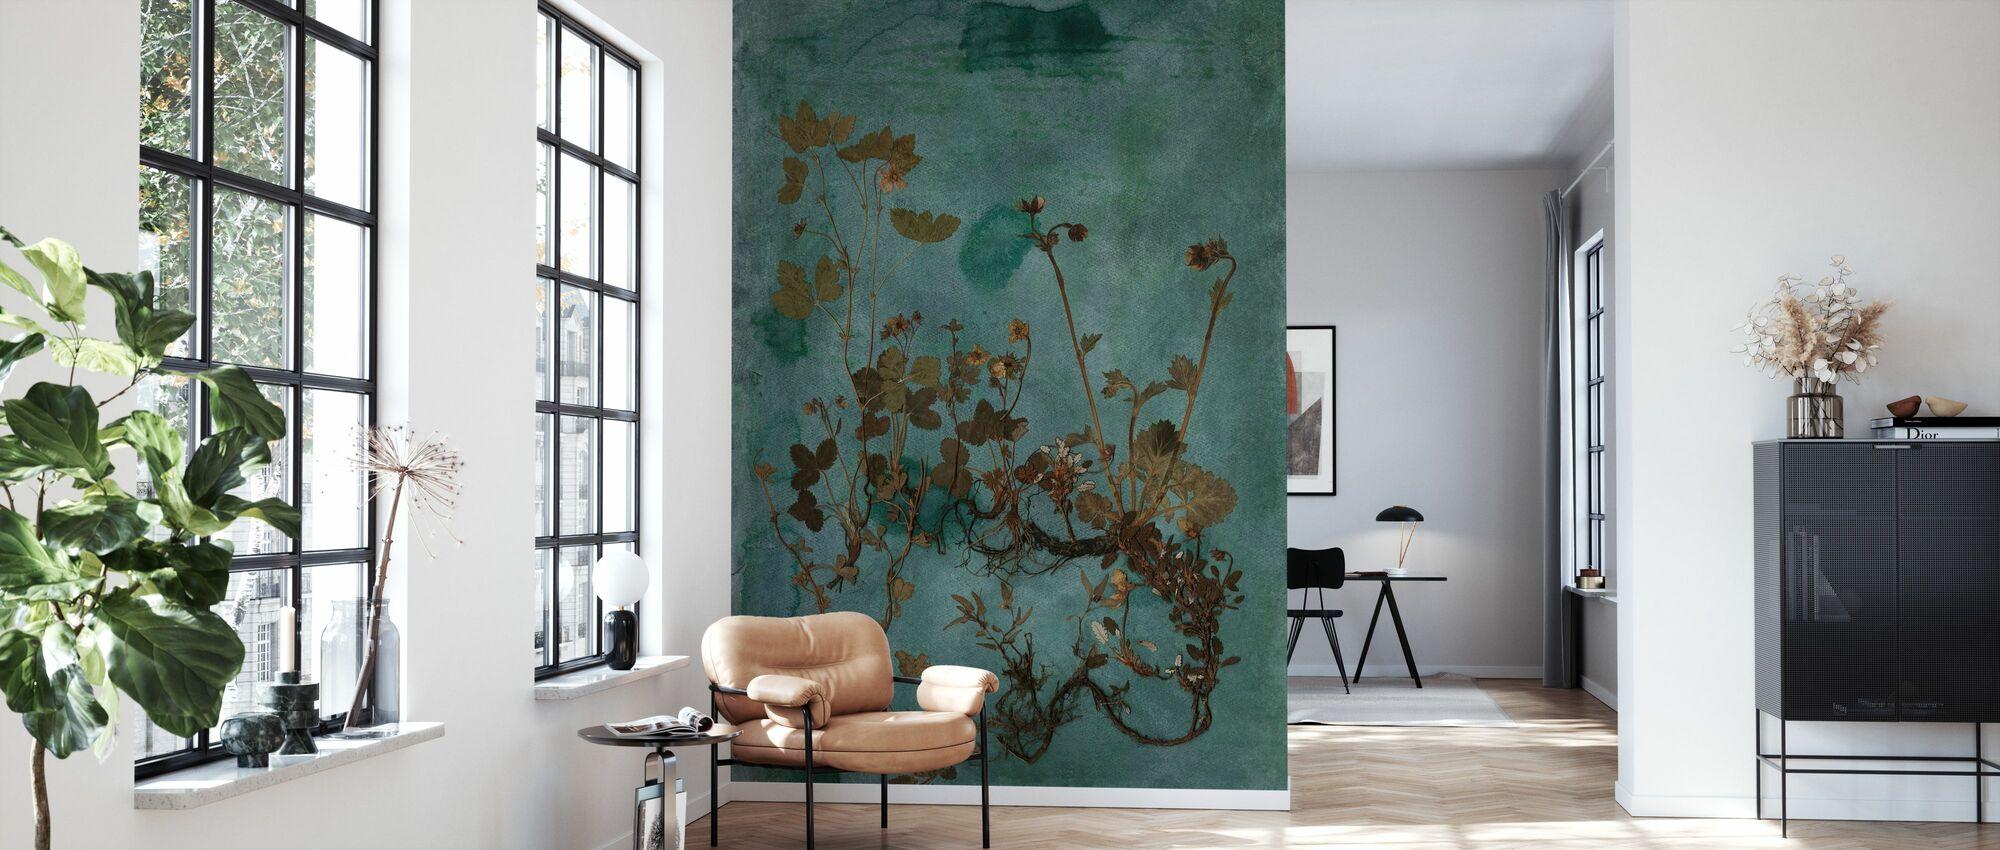 Rhizome - Wallpaper - Living Room